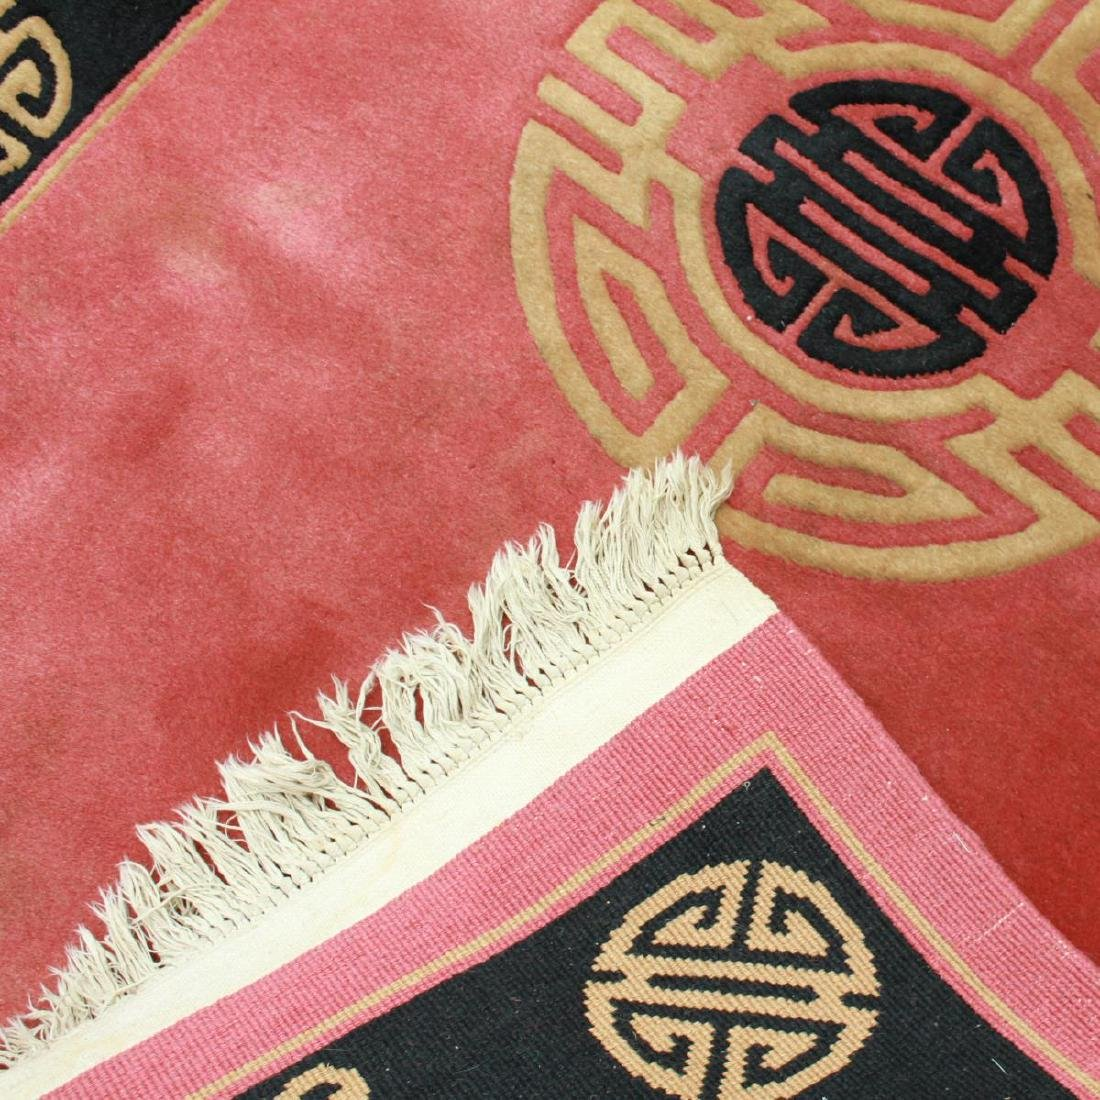 Chinese Rug, 4' X 6' - 4